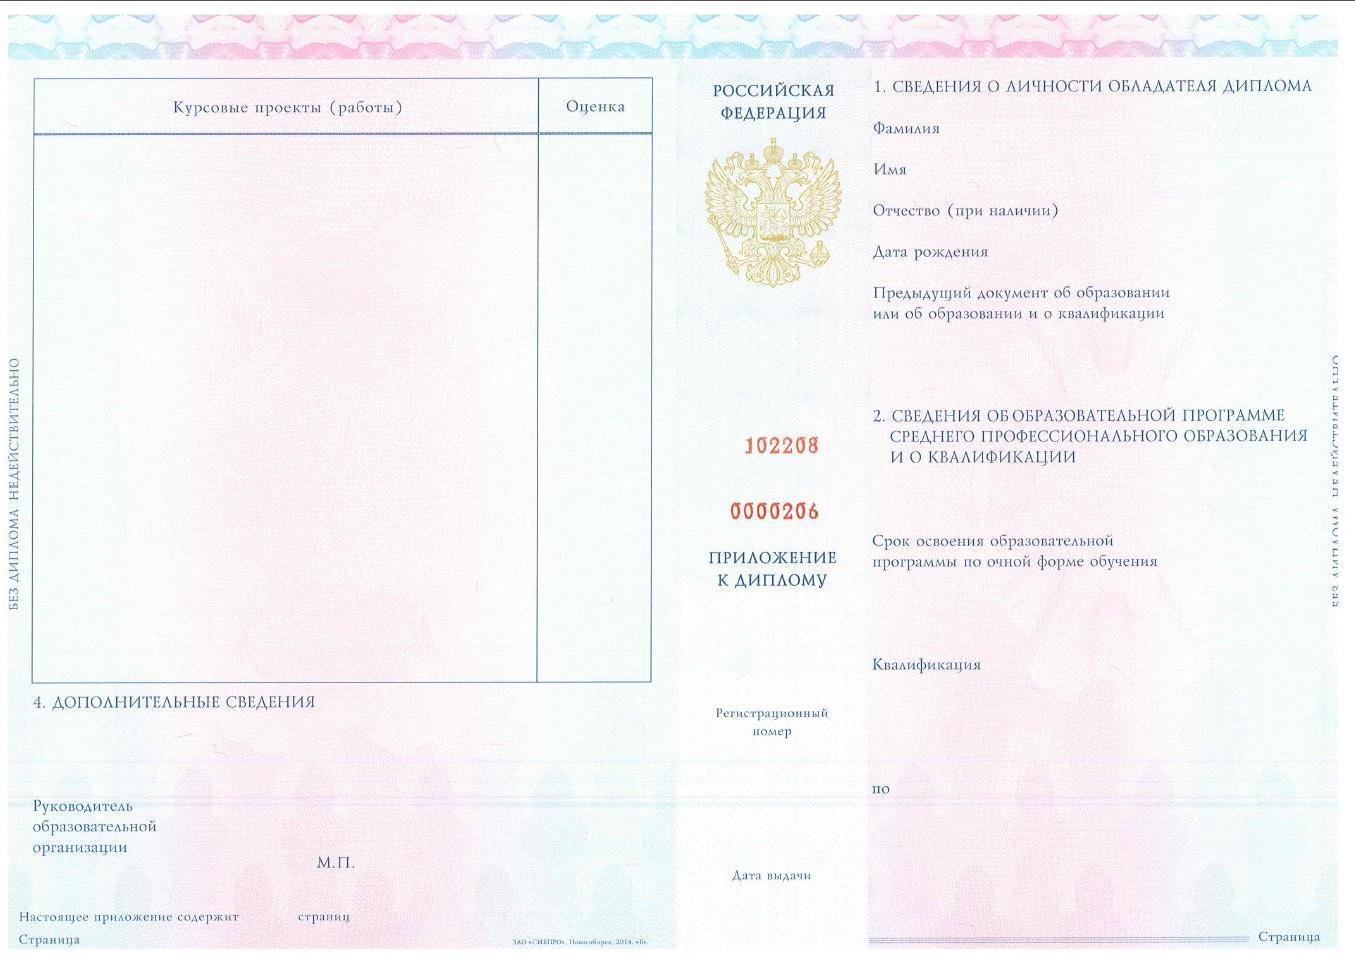 Бланки документов о среднем профессиональном образовании АлтГТУ Приложение к диплому